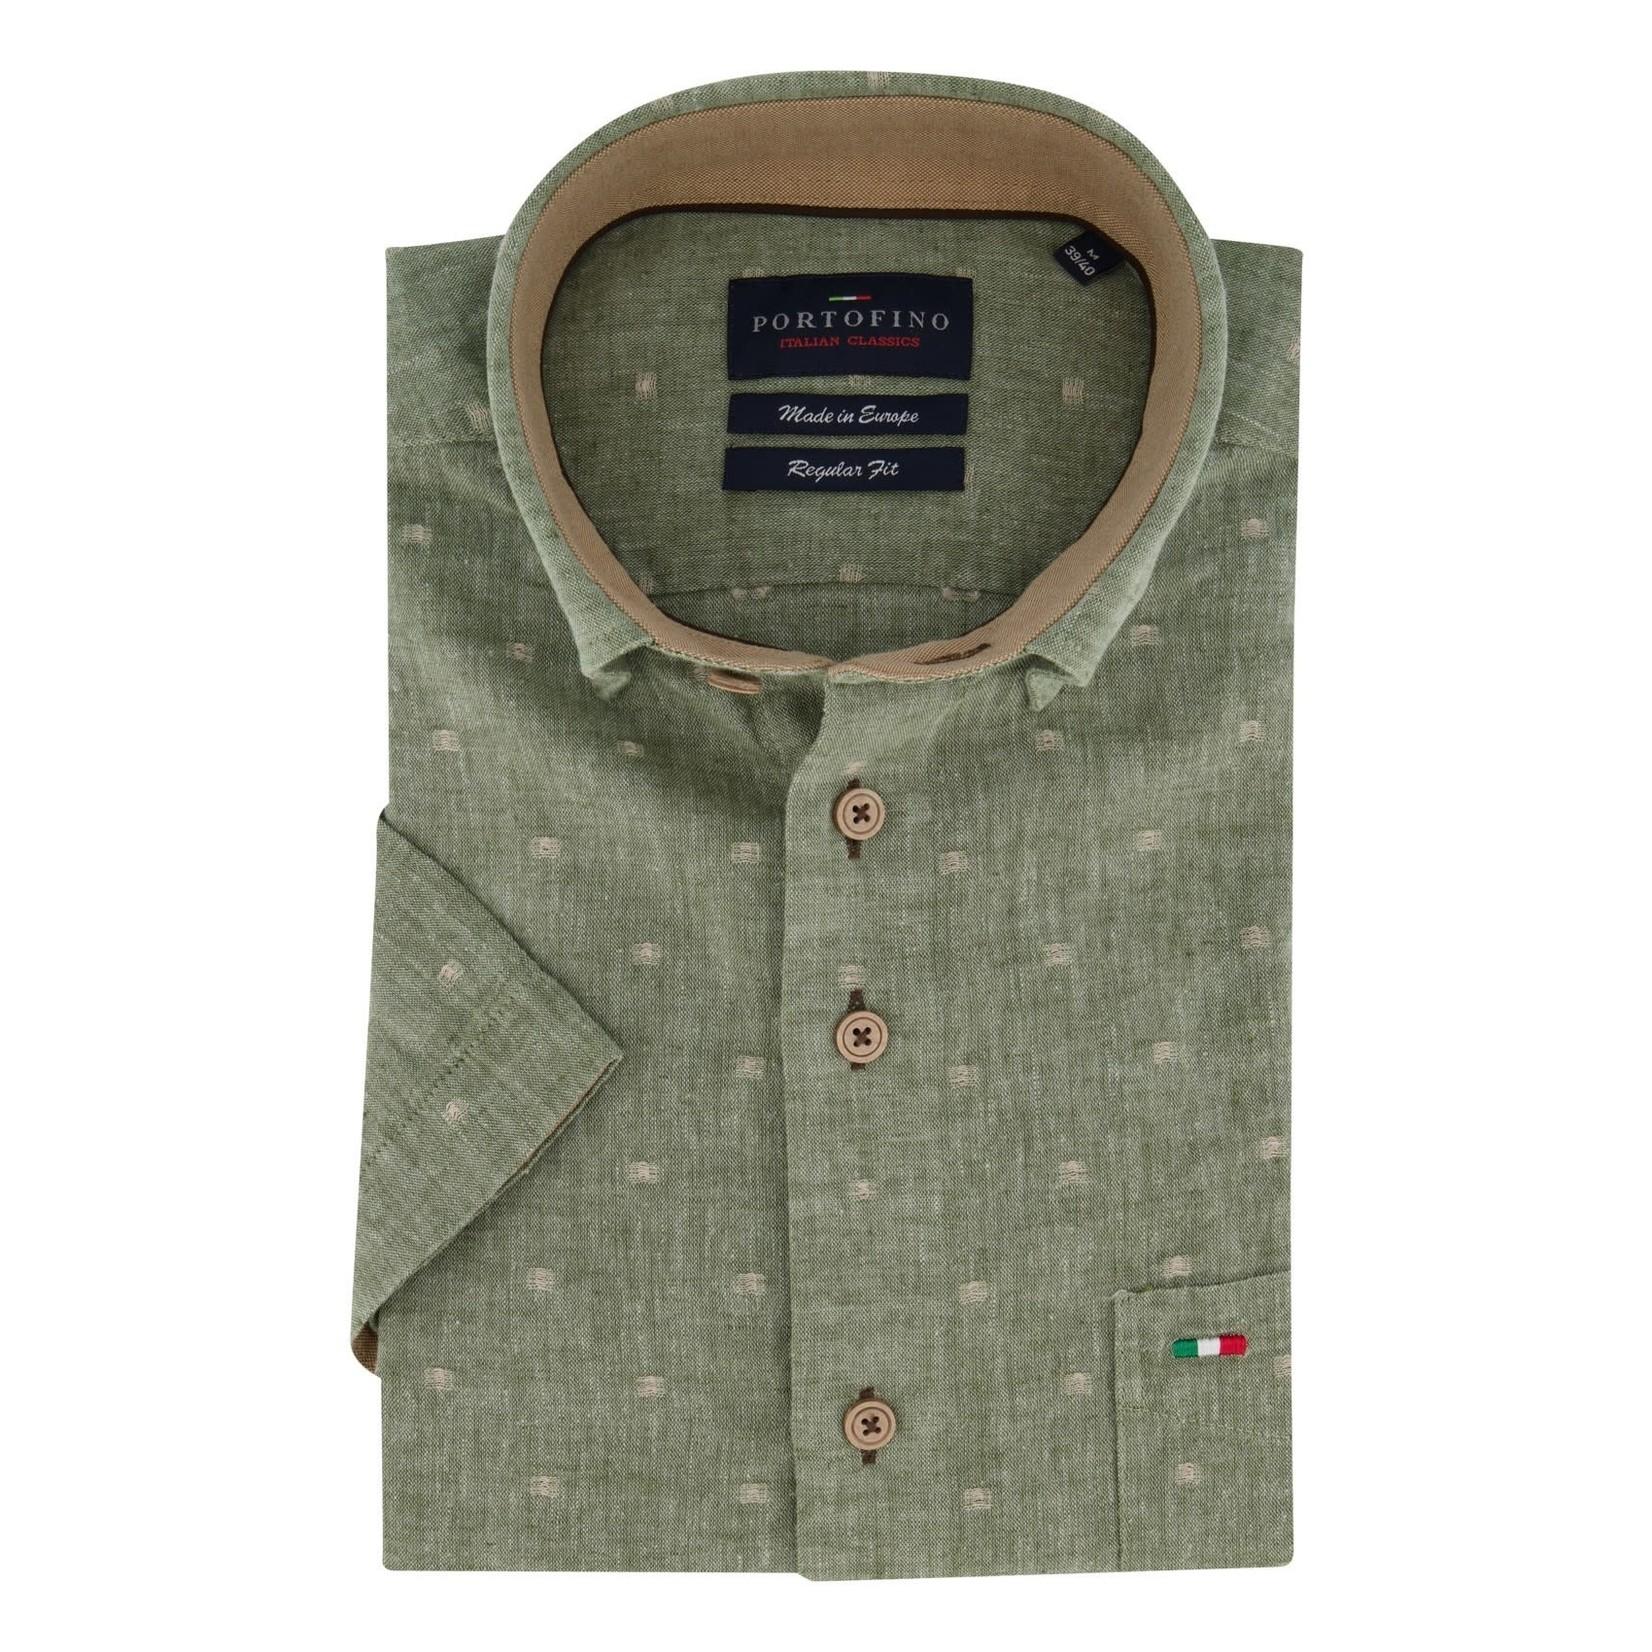 Portofino korte mouw overhemd regular fit groen